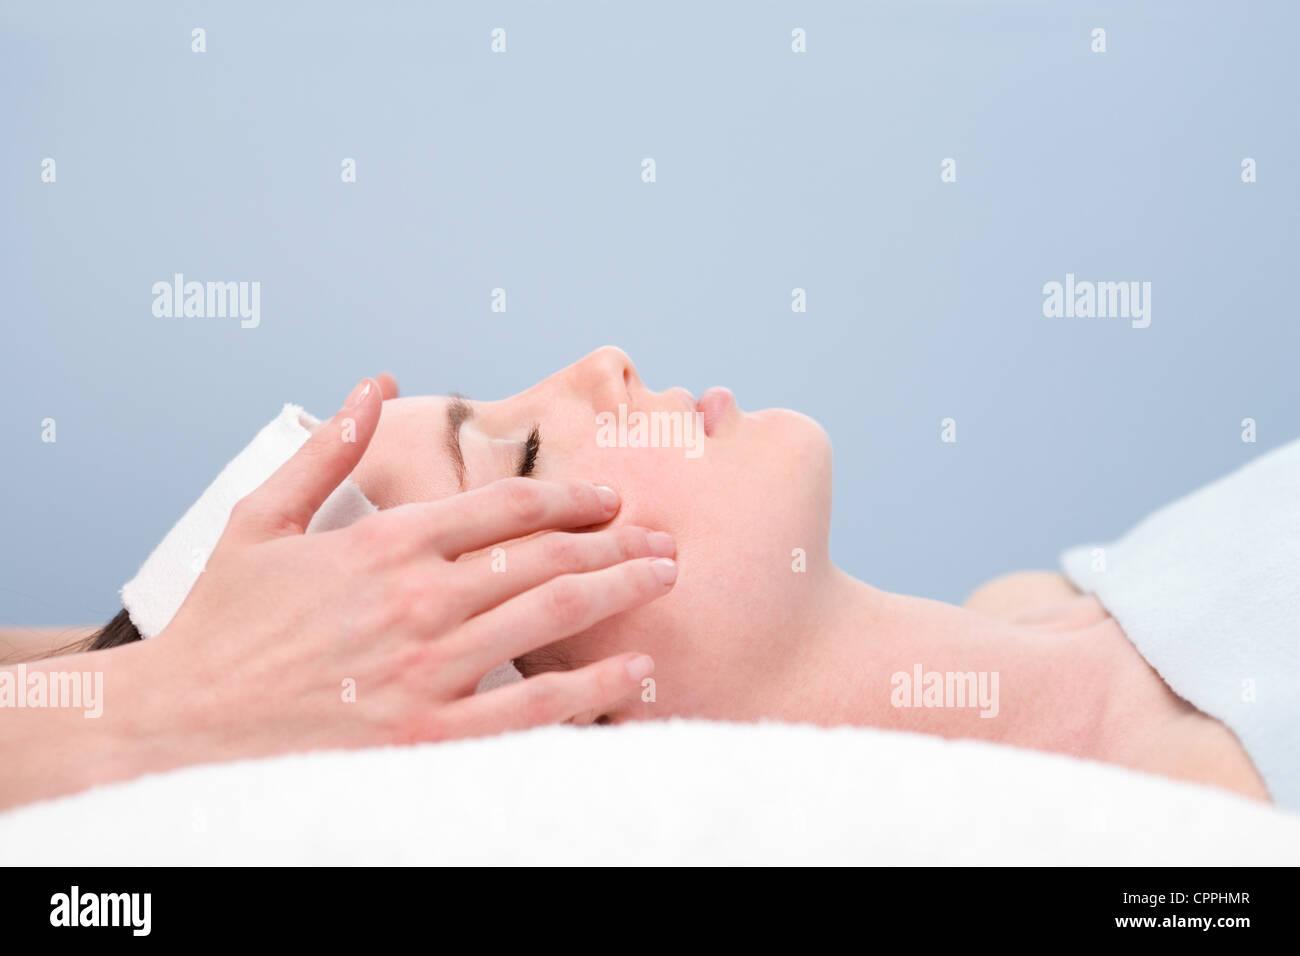 La terapia de rejuvenecimiento facial Imagen De Stock